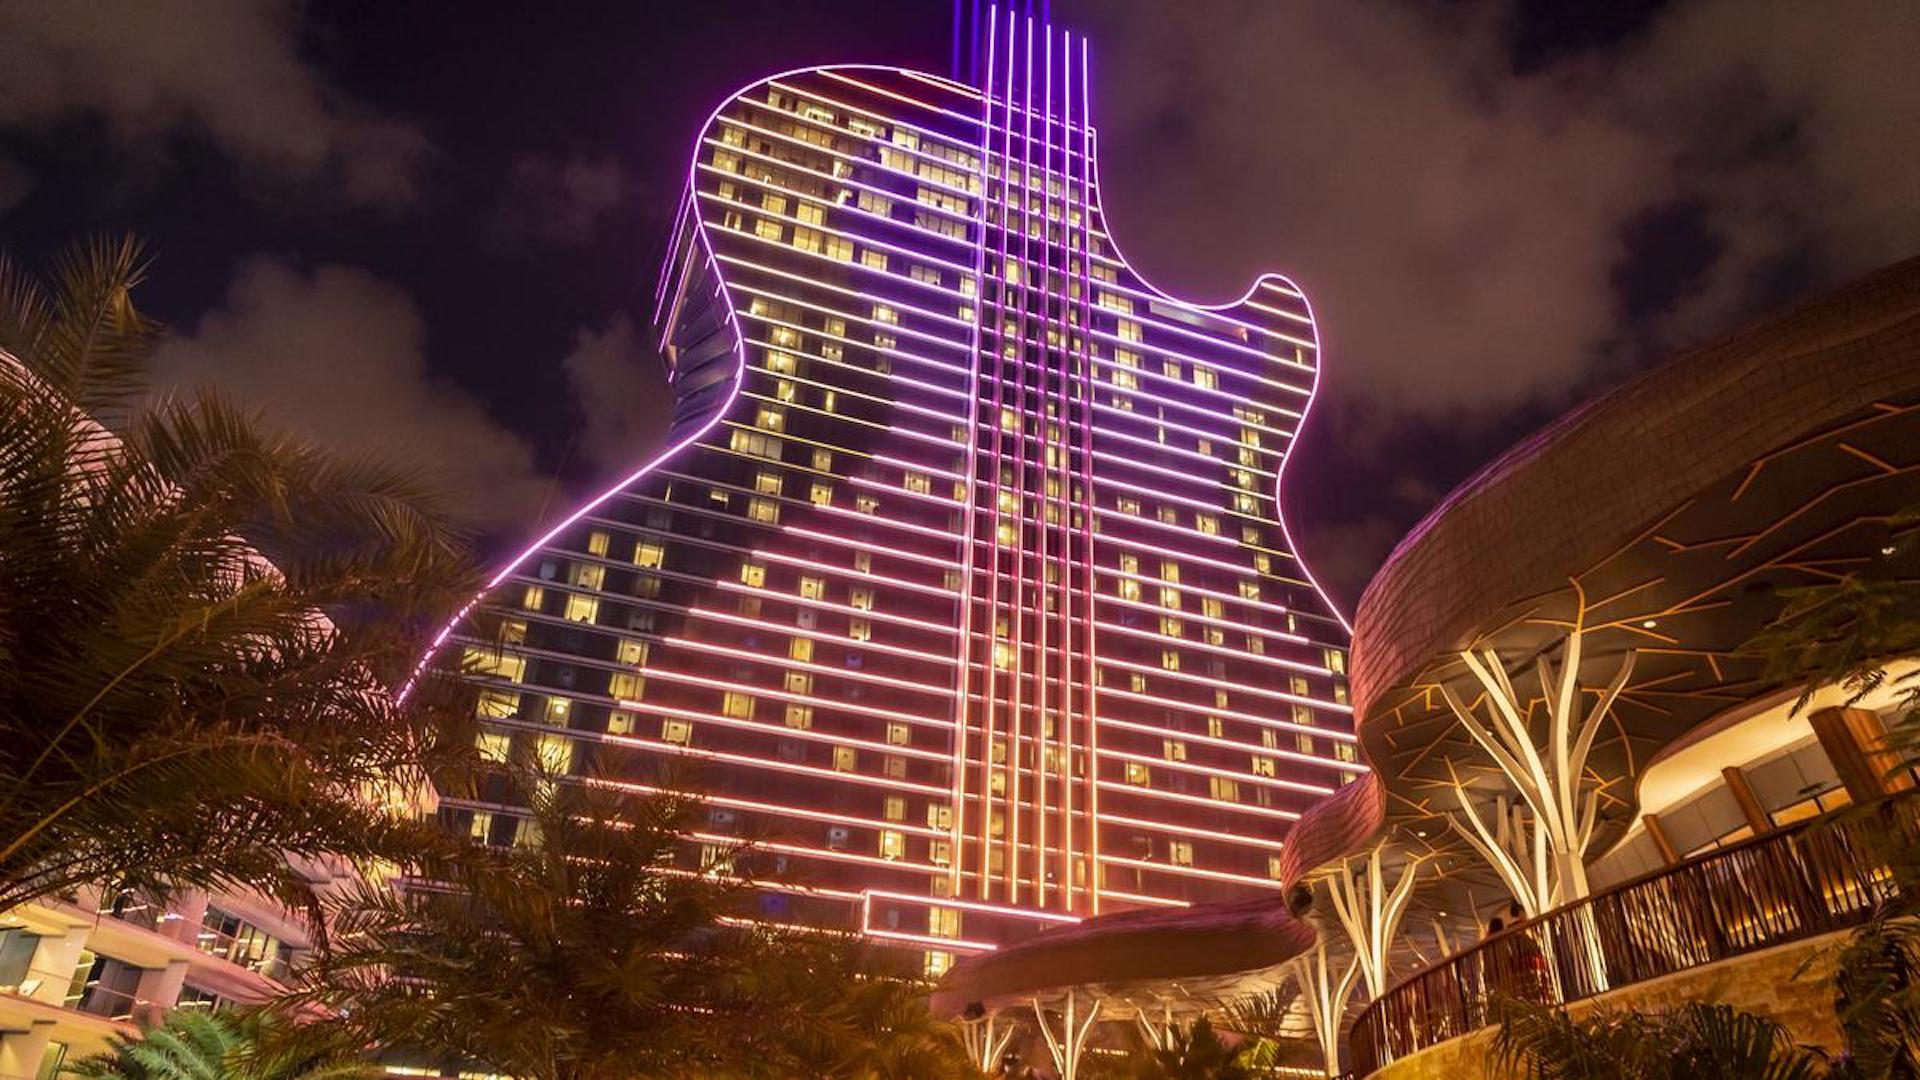 Abrió el casino y hotel Hard Rock Seminole, con forma de guitarra